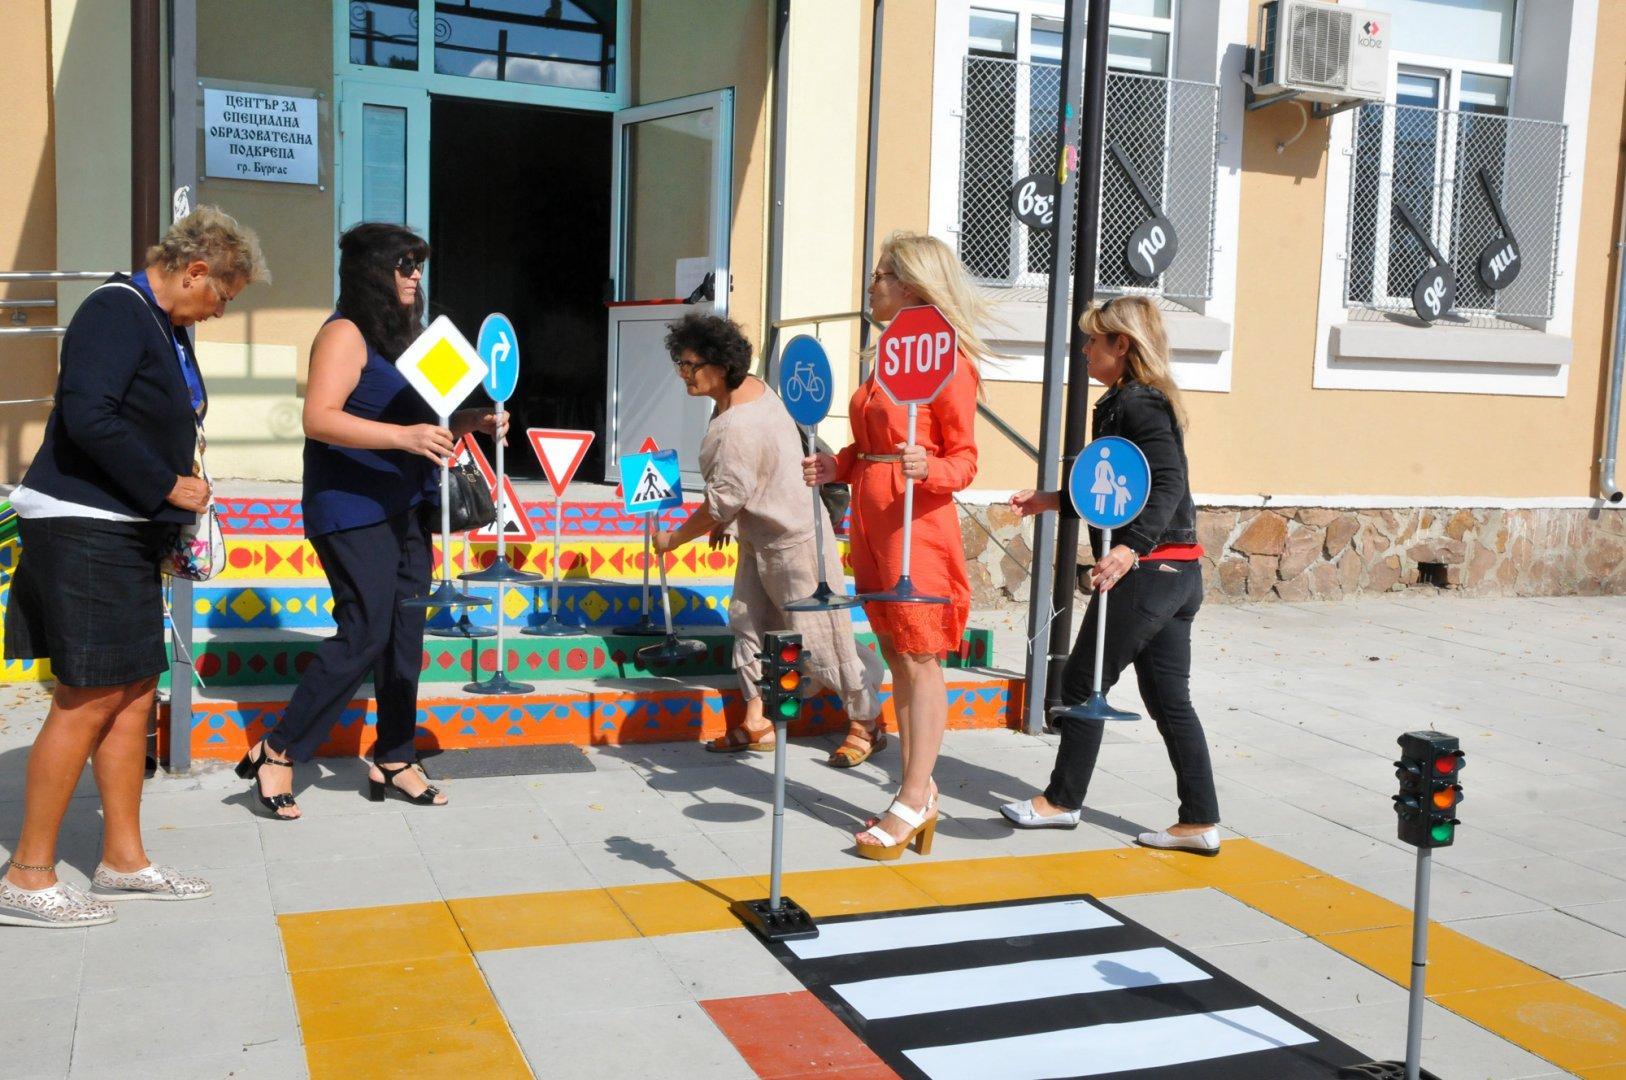 """Дами от бургаския Инър Уийл клуб дариха интерактивна светофарна уредба на Центъра за специална образователна подкрепа. Целта е чрез иновативни методи децата да придобият навици и умения , като участници в съвременното пътно движение. Да се научат да разпознават цветовете, пътните знаци, и да пресичат правилно. Дамите от бургаския клуб участваха и в националния проект на Инър Уийл - """"Чети и дари"""". По него децата четат книги, печелят кредити, които даряват за каузи. Снимки Черноморие-бг"""